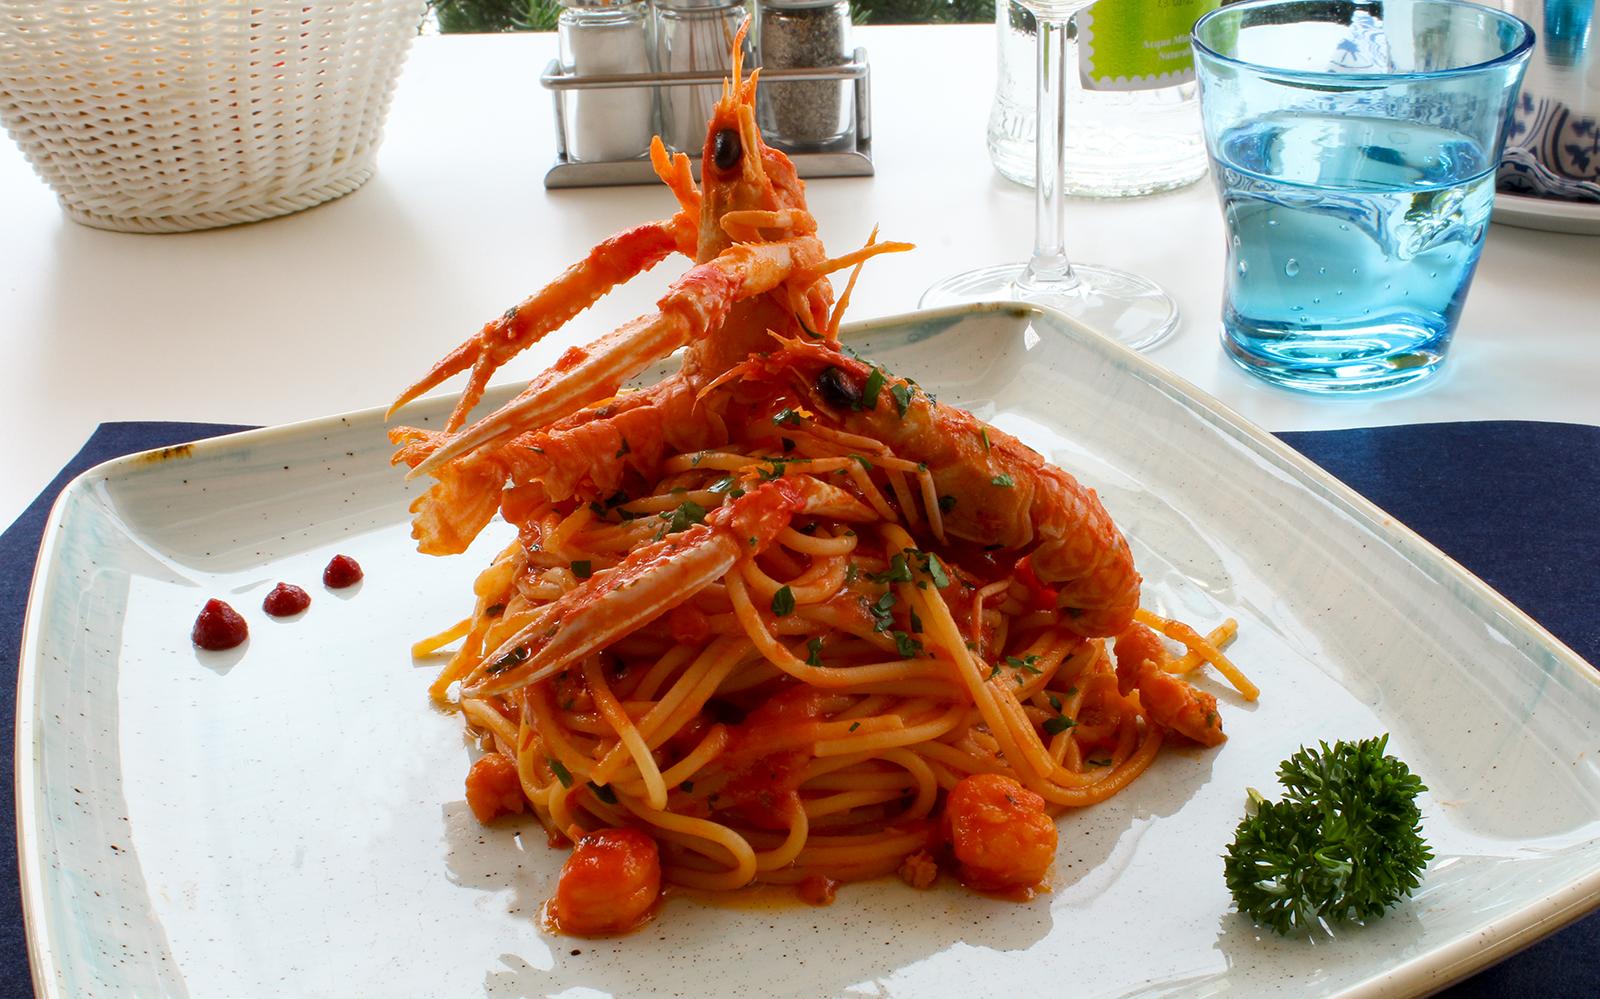 2-Fish-pasta-spezialitaeten-Restaurant-Pizzeria-Dei-Fiori